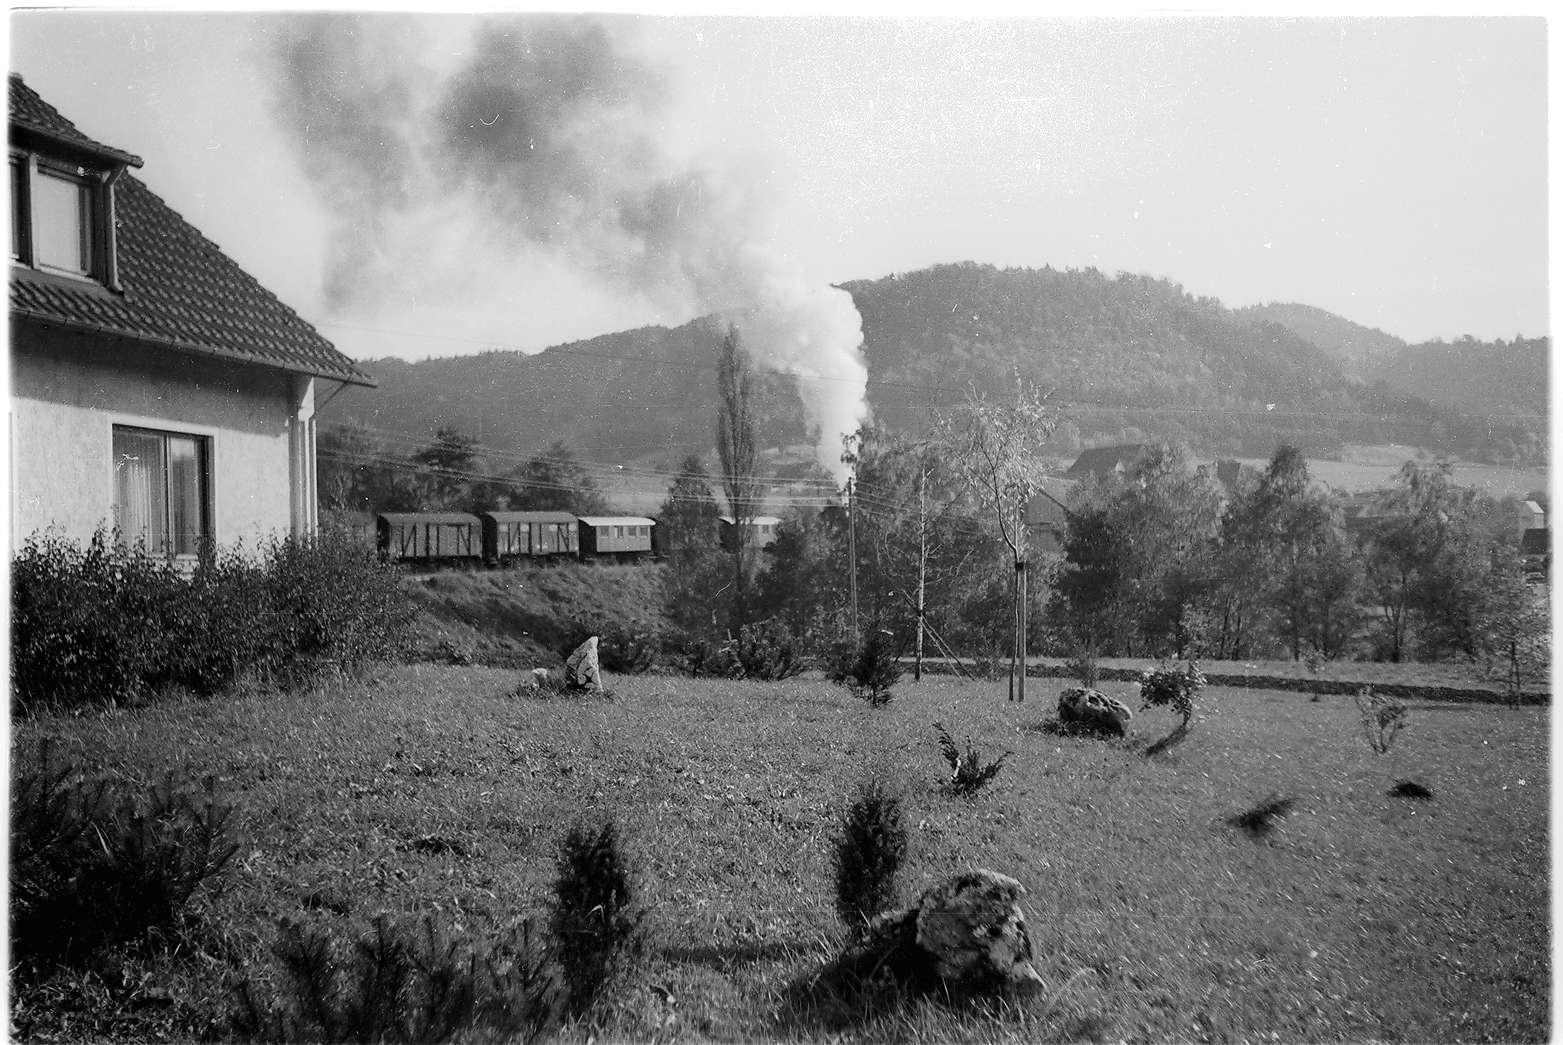 Strecke Jungingen - Killer, beim Weinhändler Mauri, den es 2009 noch gibt, Bild 1